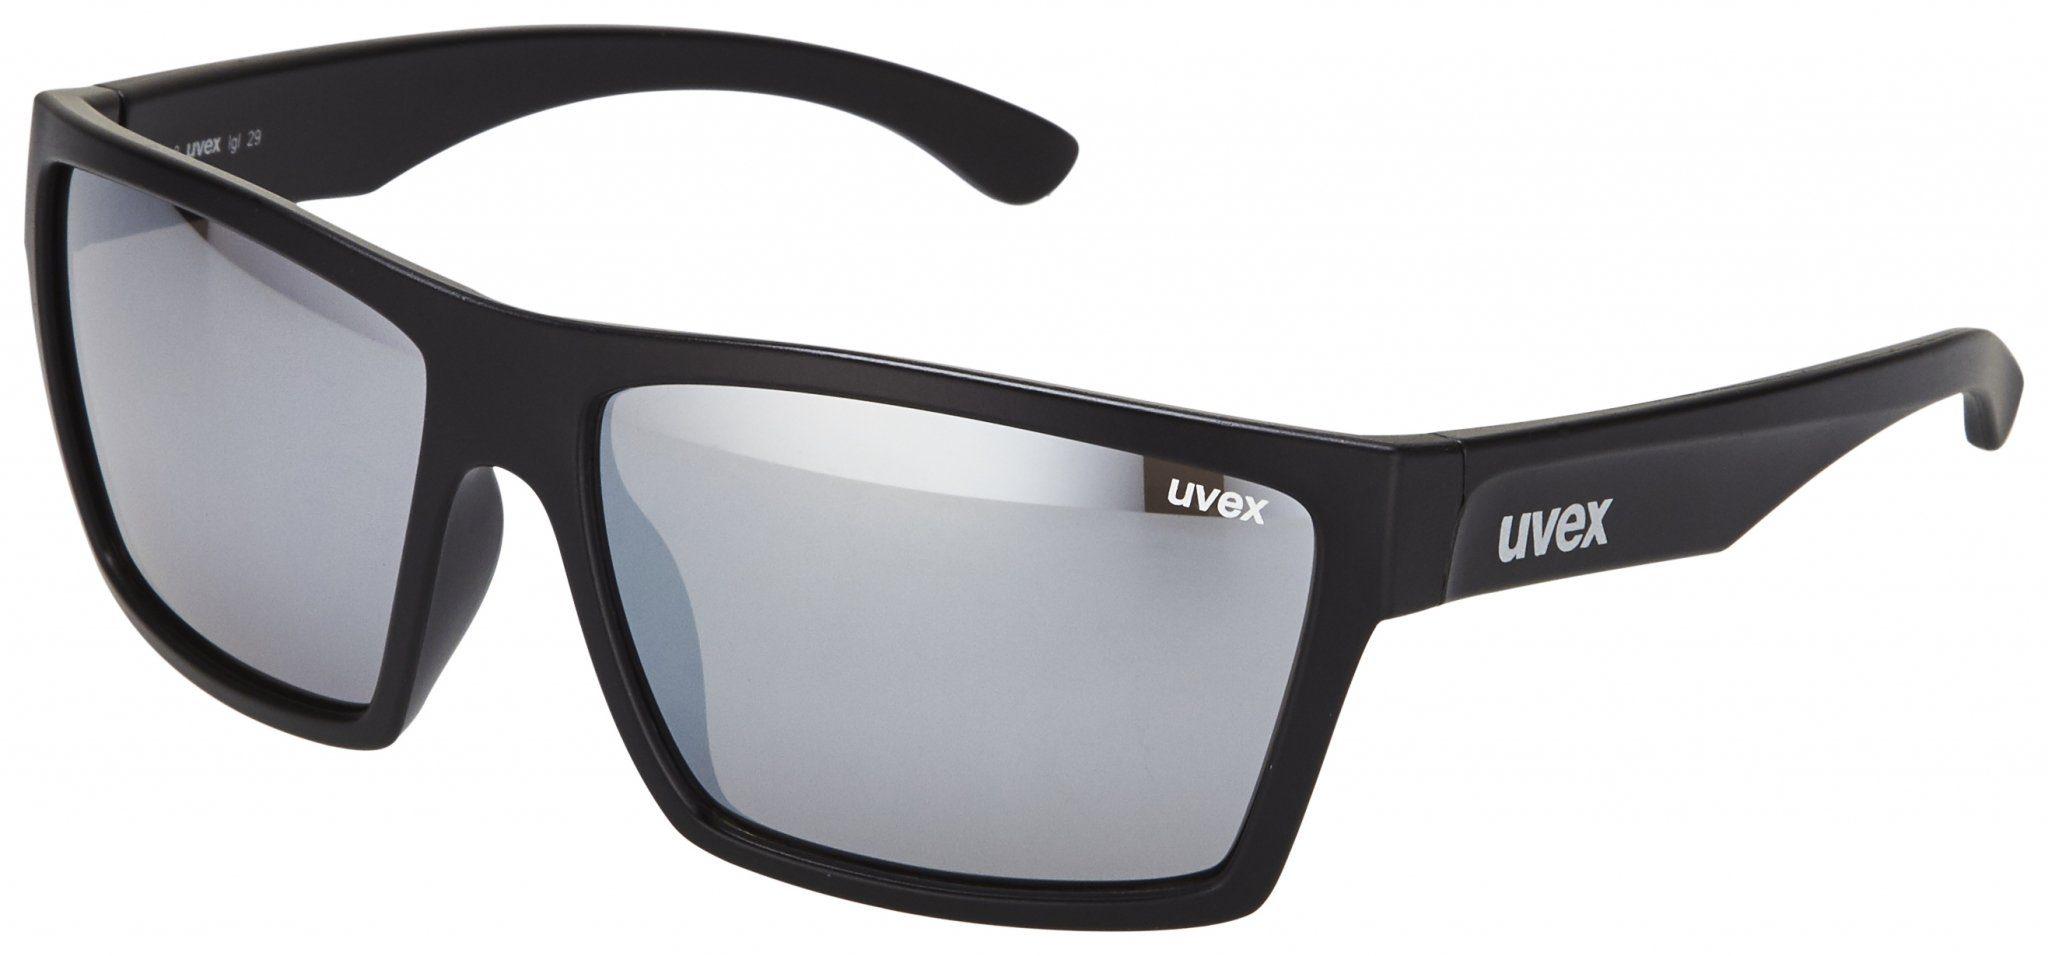 Uvex Sportbrille »LGL 32 Lifestyle Glasses«, schwarz, schwarz